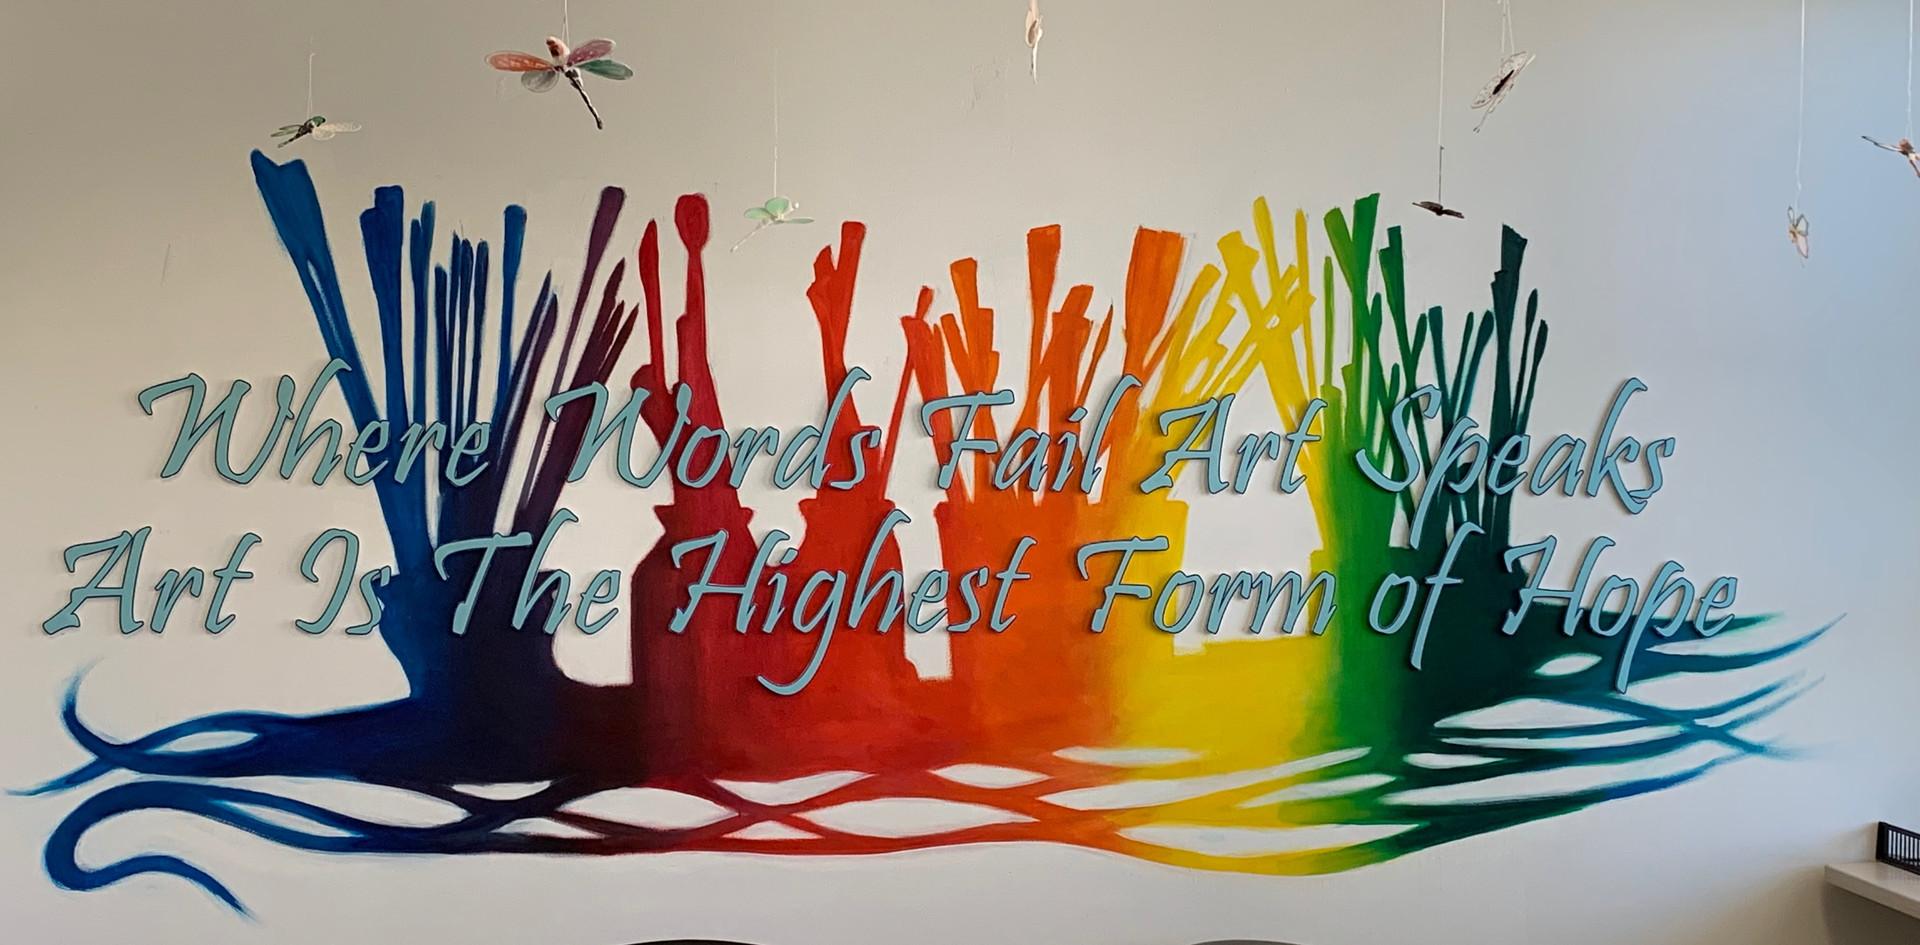 RCHC Art Room Quote